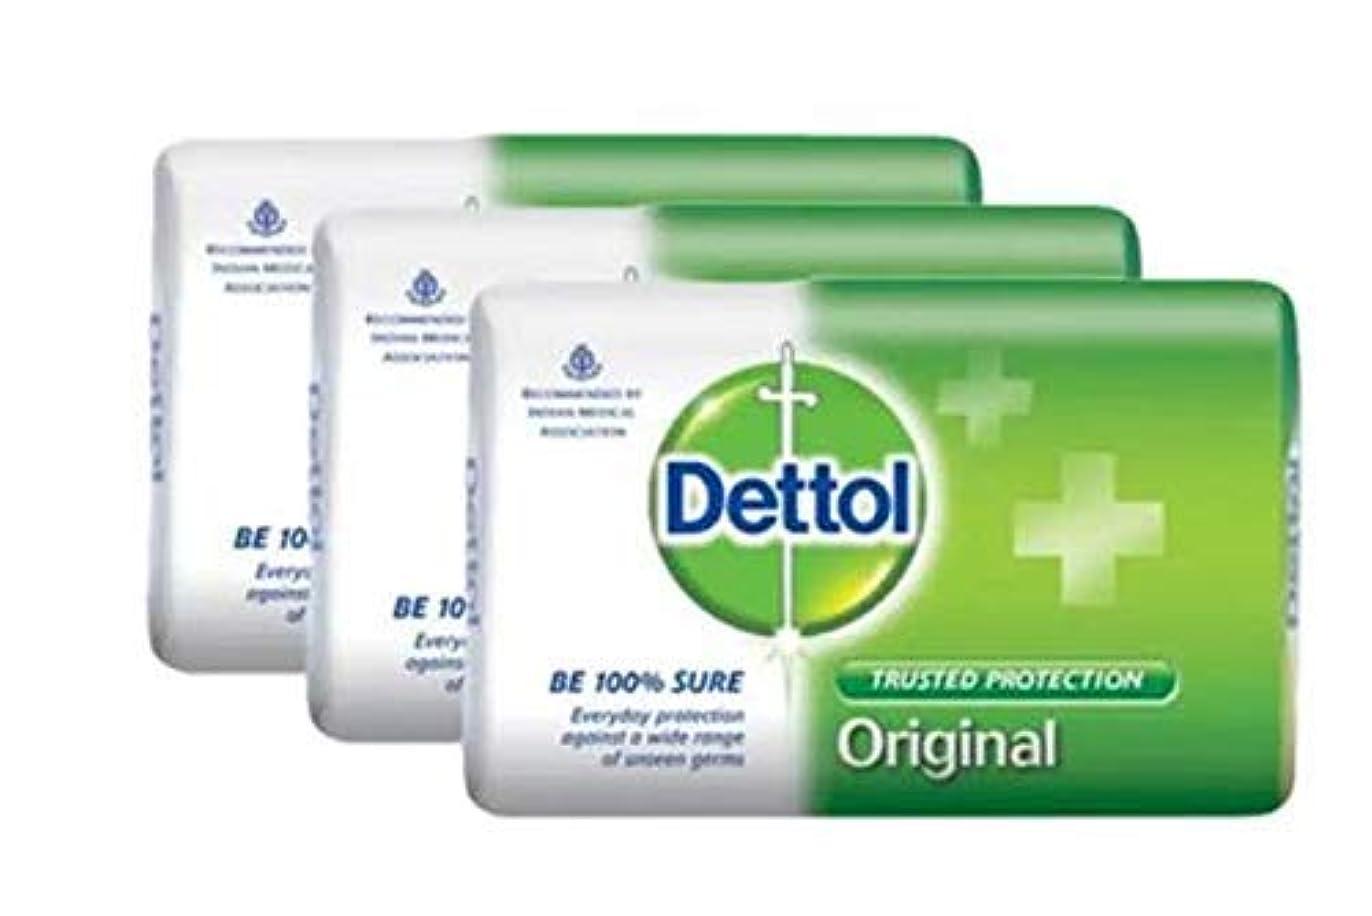 トマトラジカルいらいらするDettol 固形石鹸オリジナル4x105g-は、信頼Dettol保護から目に見えない細菌の広い範囲を提供しています。これは、皮膚の衛生と清潔を浄化し、保護します